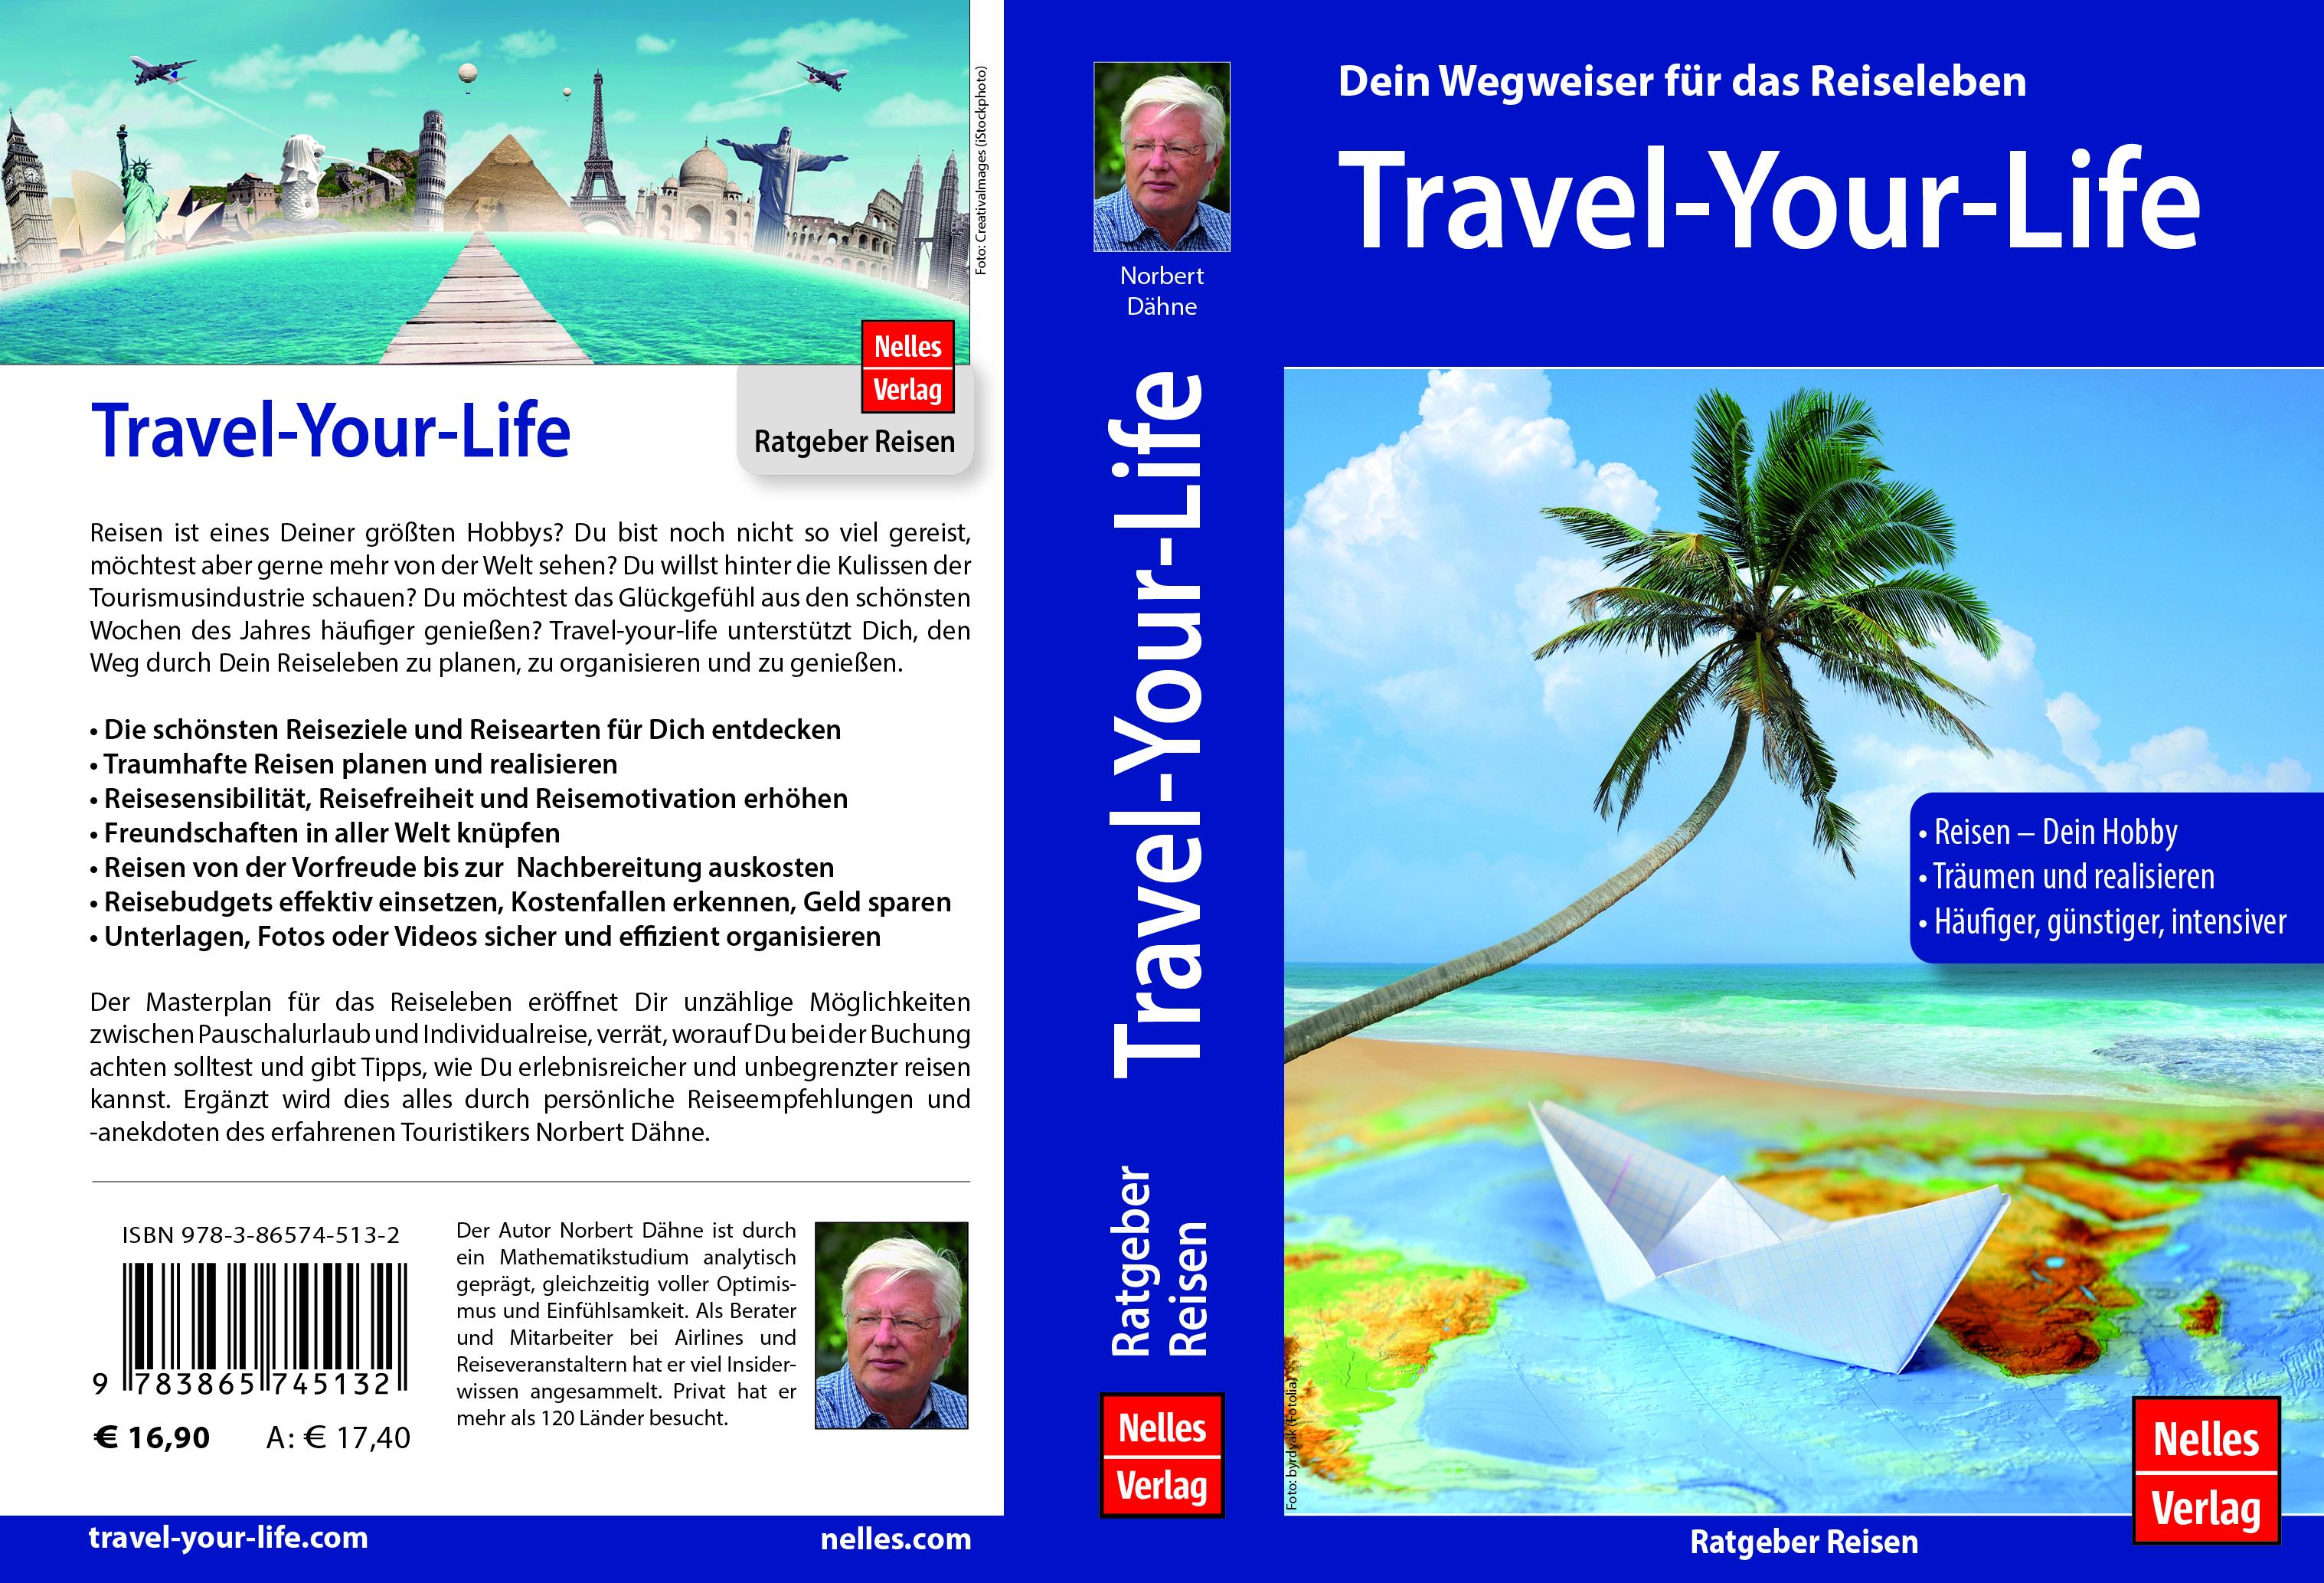 Buch als Wegweiser für Hobby Reisen und Reiseleben